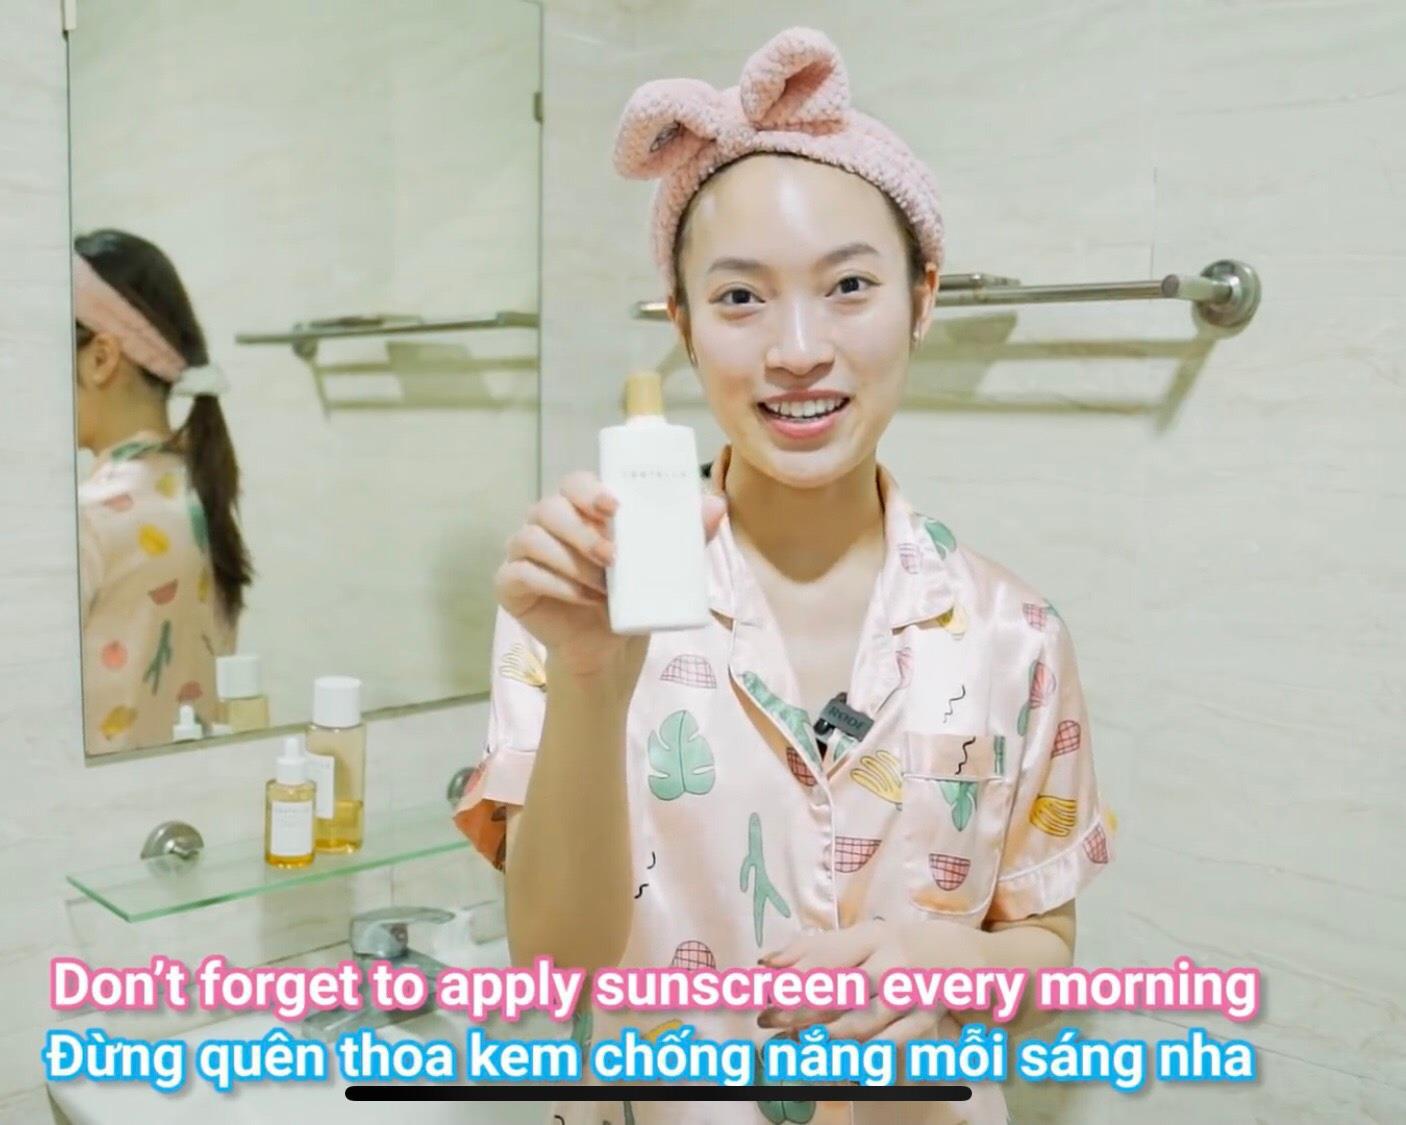 Áp dụng bí kíp dưỡng da này ngay để tỏa sáng như 2 cô nàng đa-zi-năng Suni Hạ Linh và Khánh Vy - Ảnh 5.